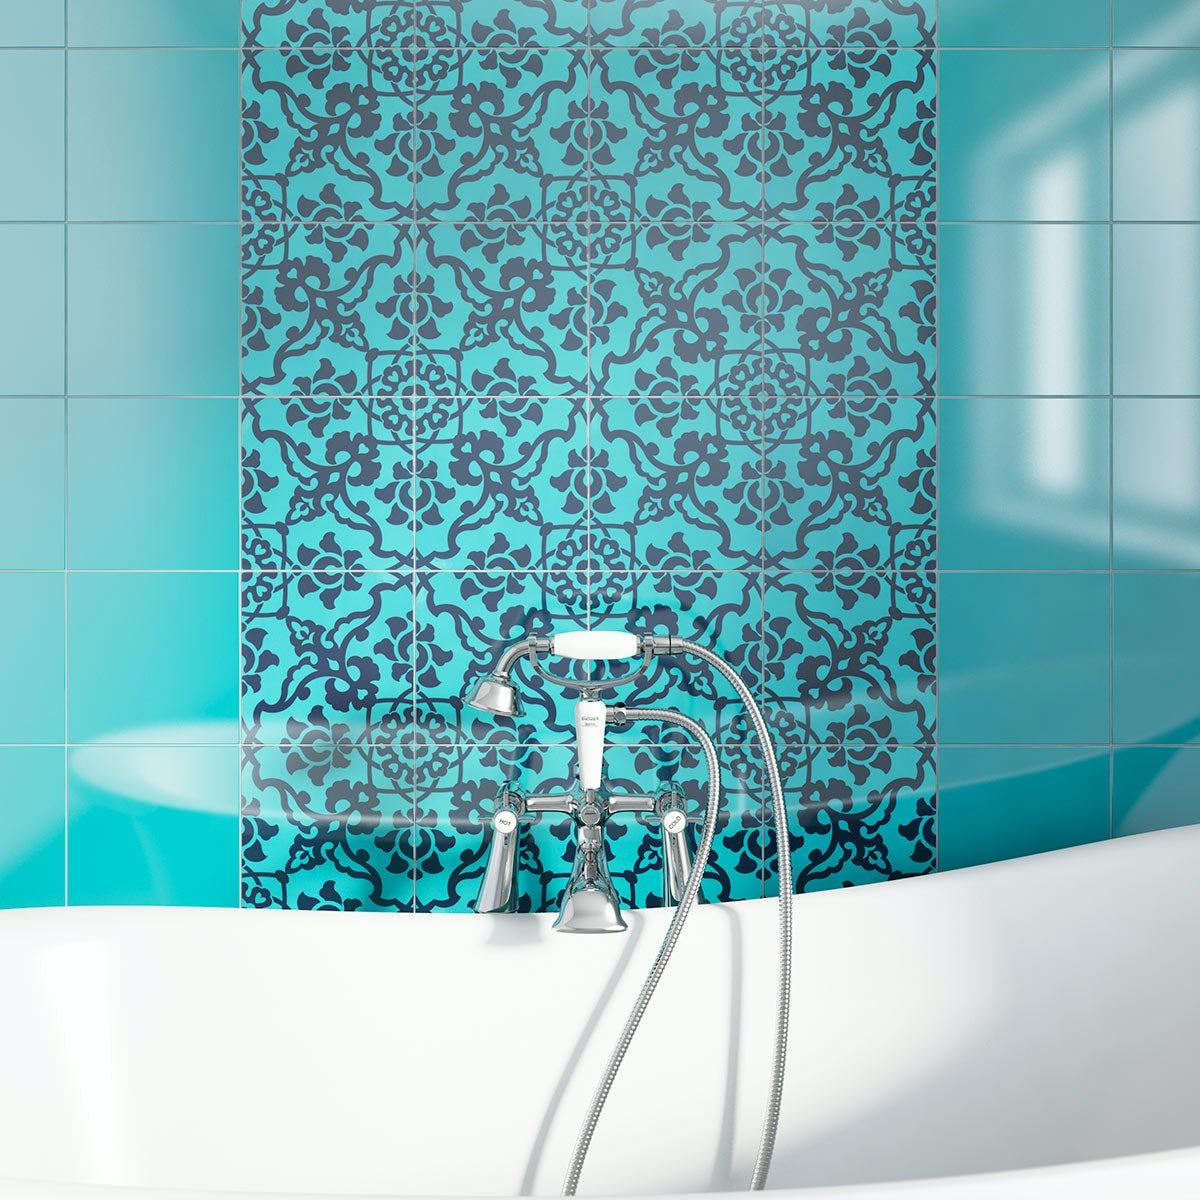 Va Santiago Dcor Turquoise Gloss Tile 198mm X 198mm